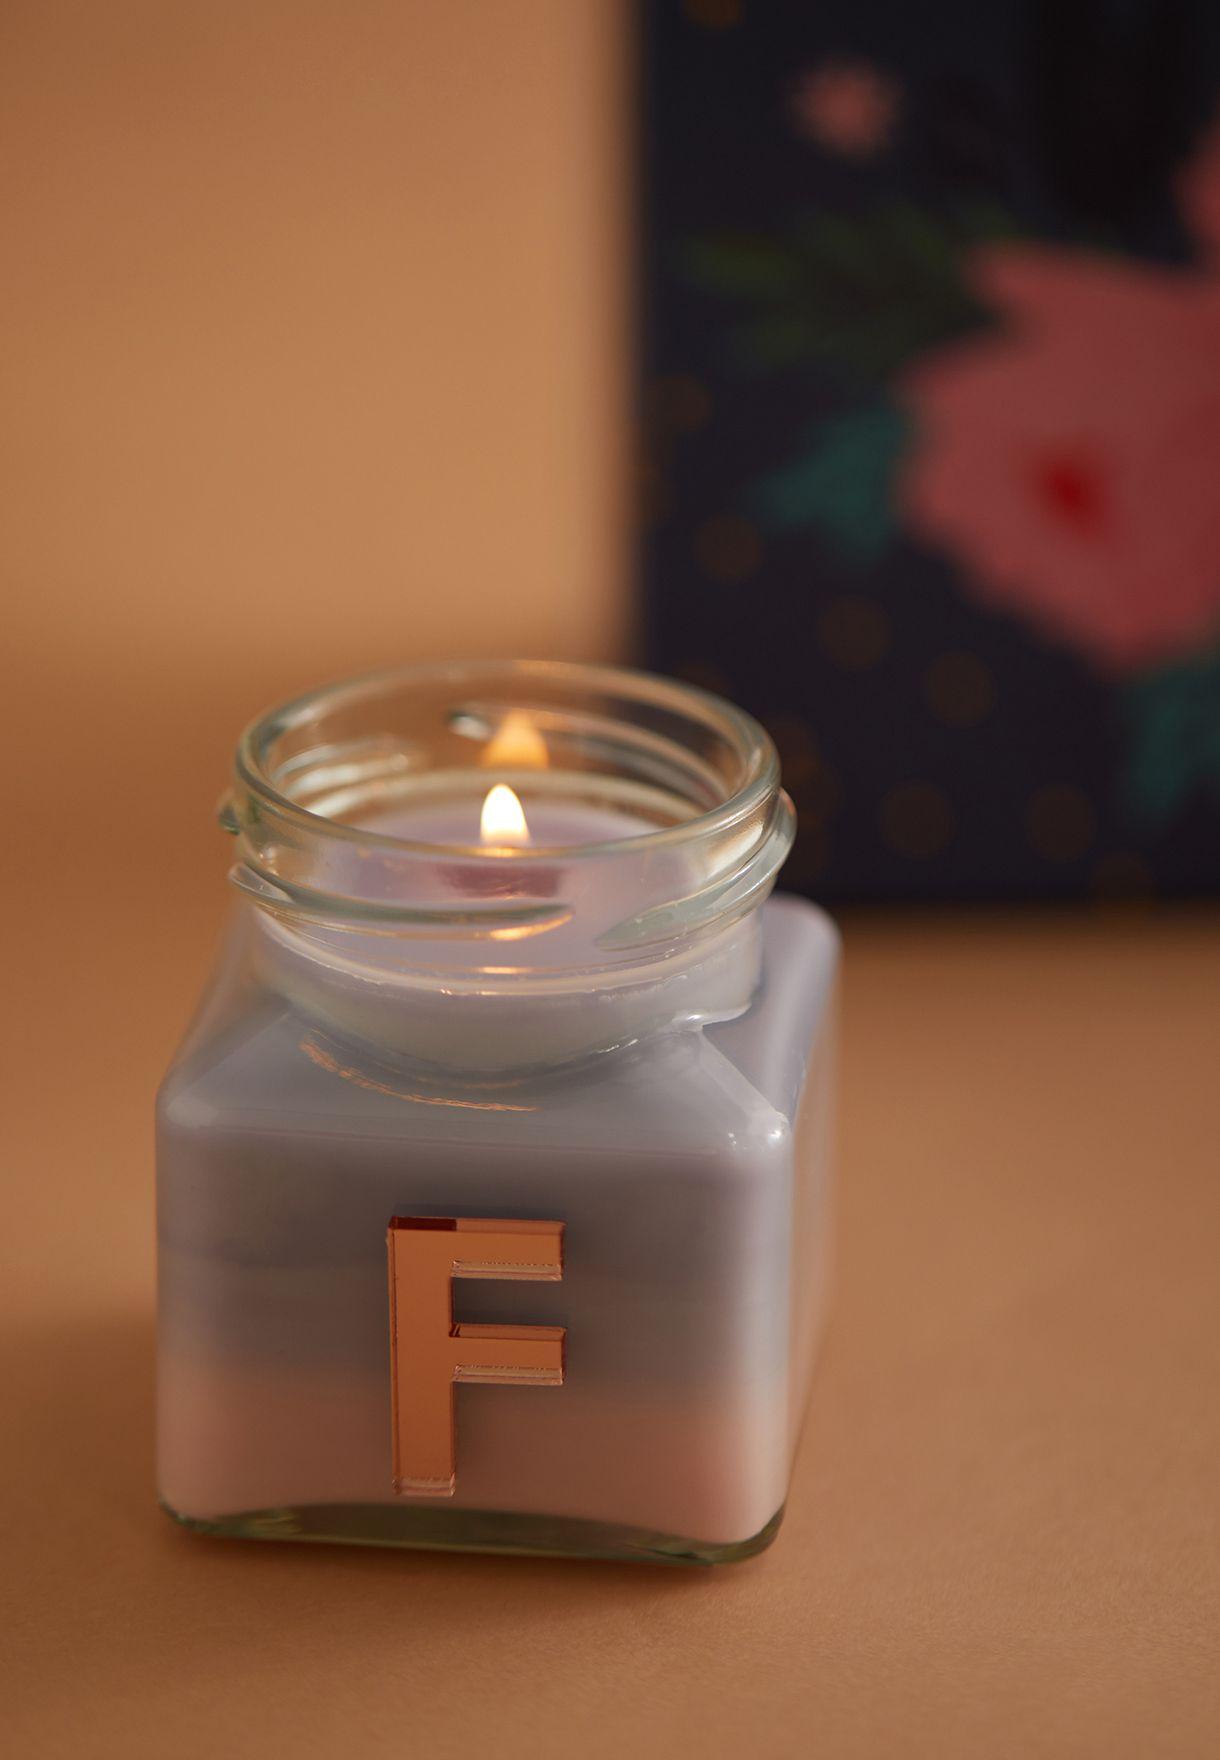 Vanilla Ylang Ylang Initial F Candle